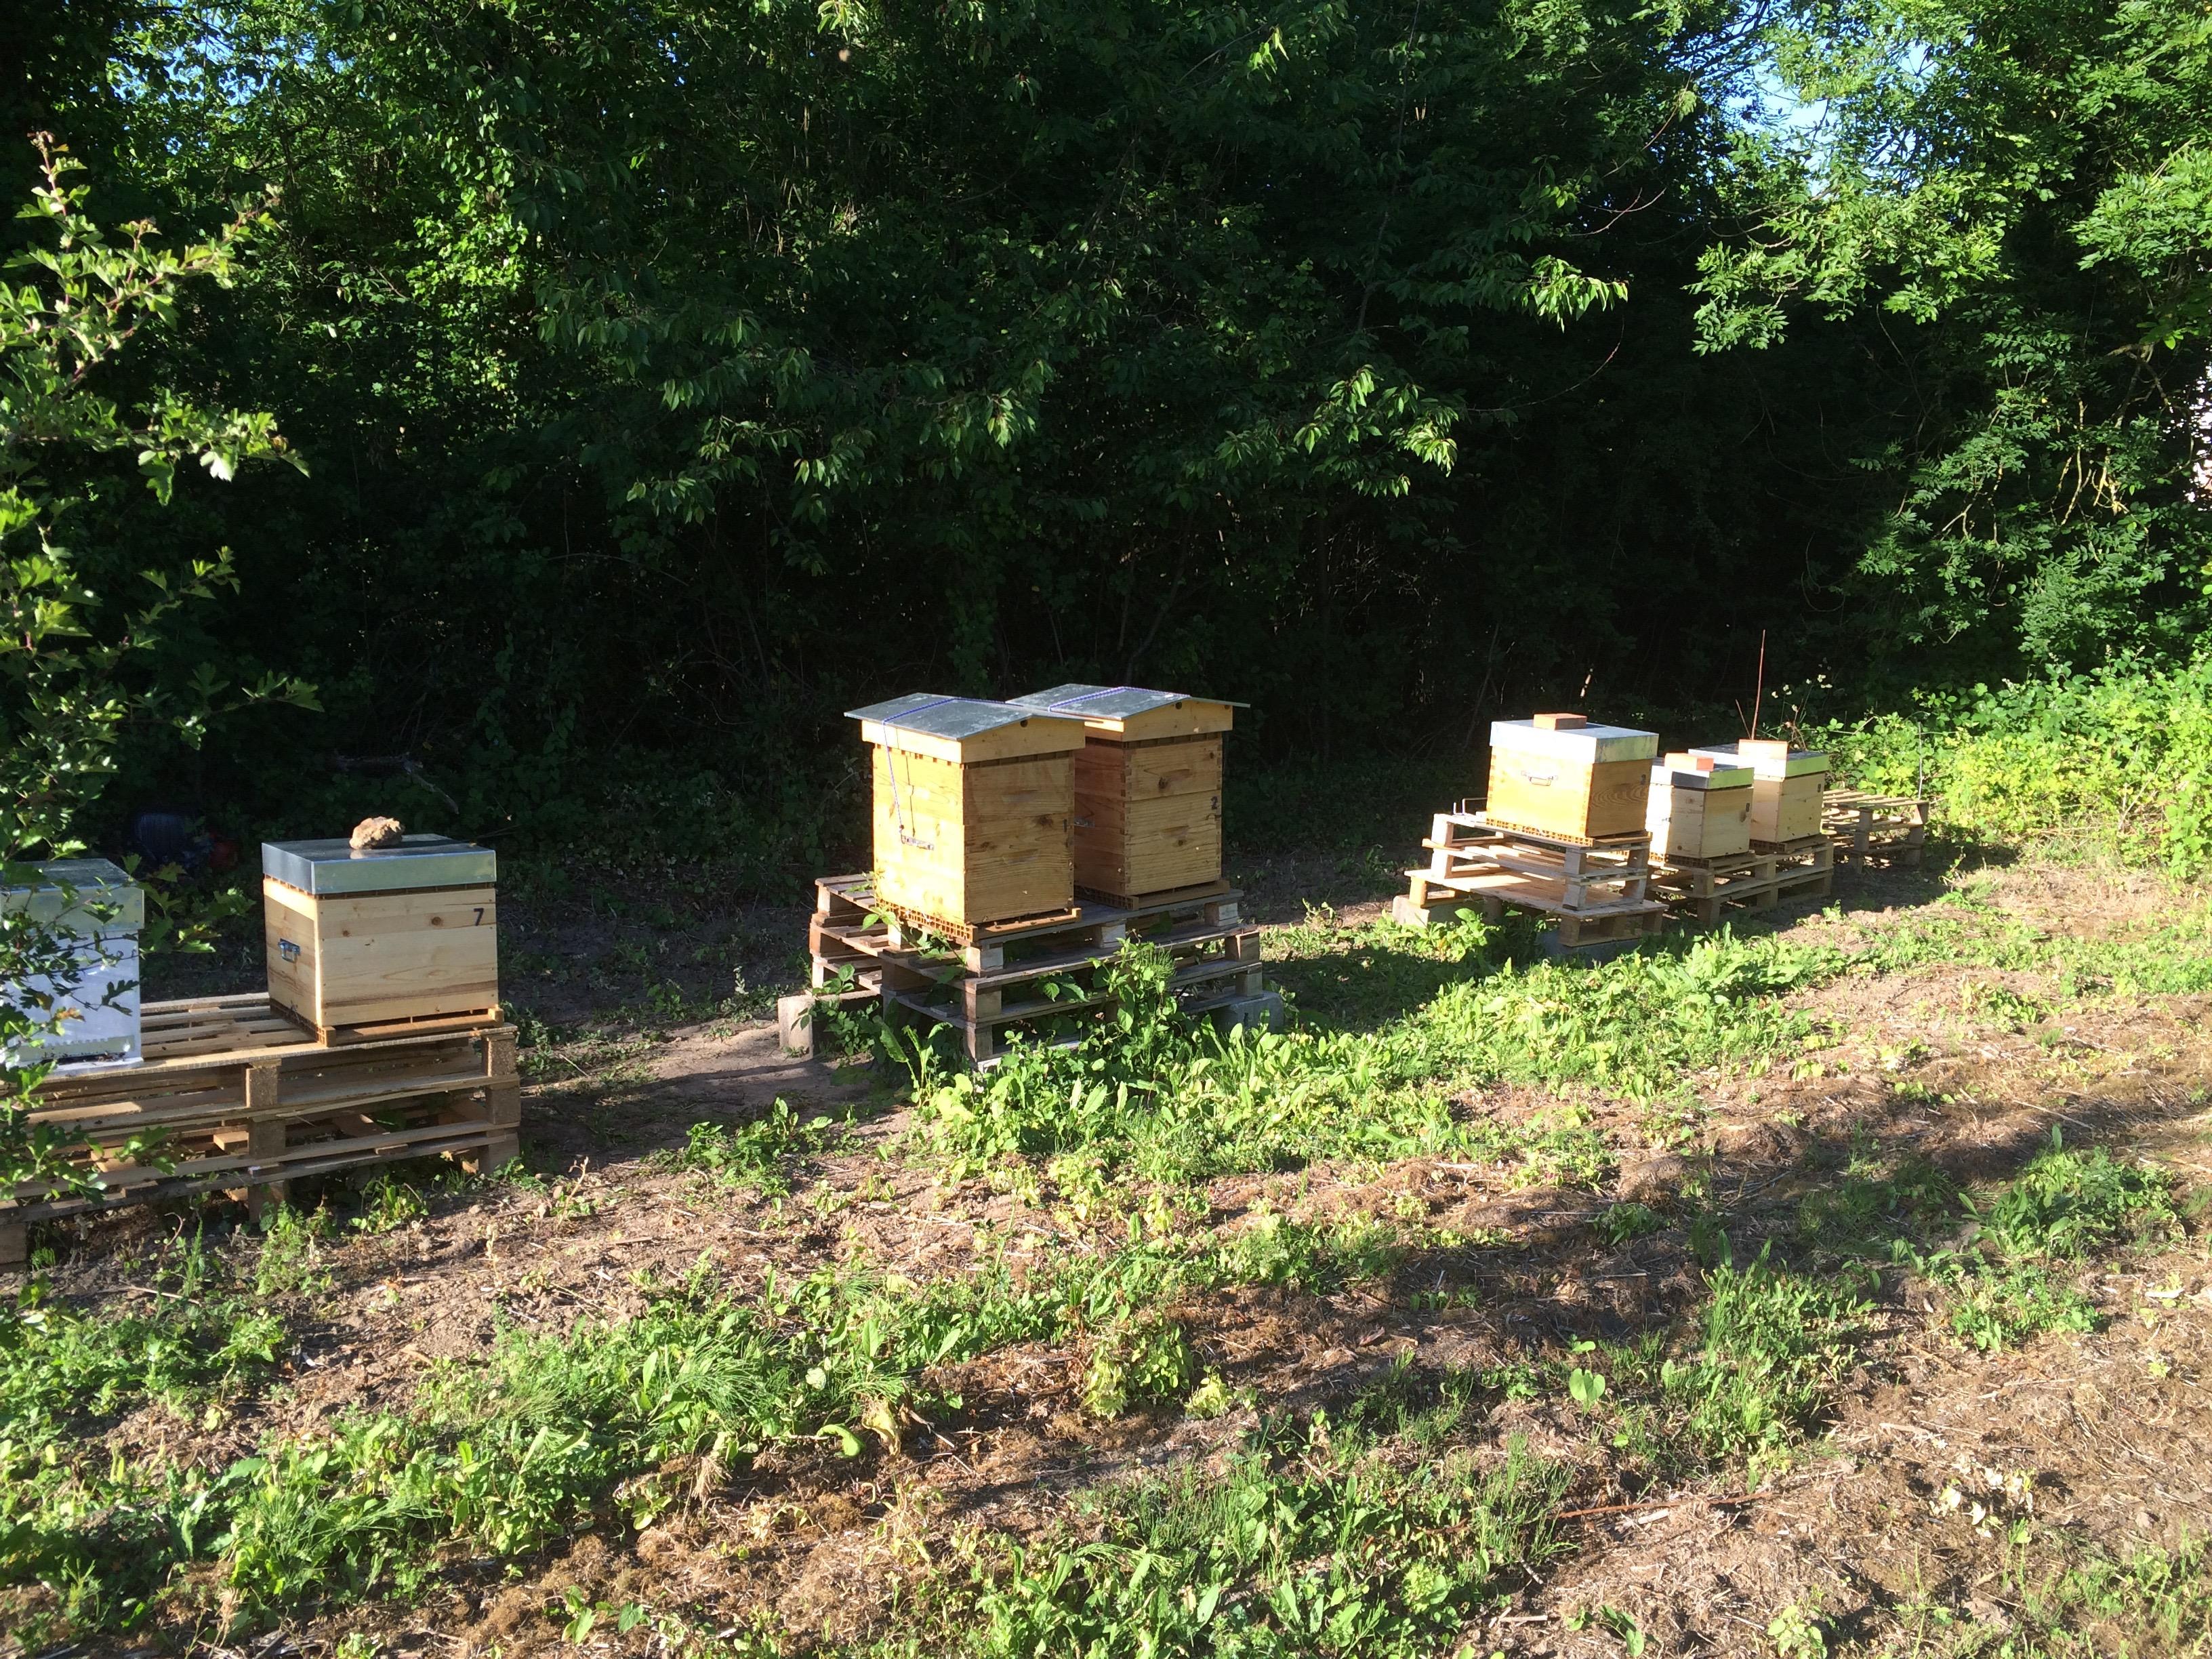 06 Juin 2015 : rucher école, visite du rucher 1 et enruchage des ruchettes R1, R2 et R3